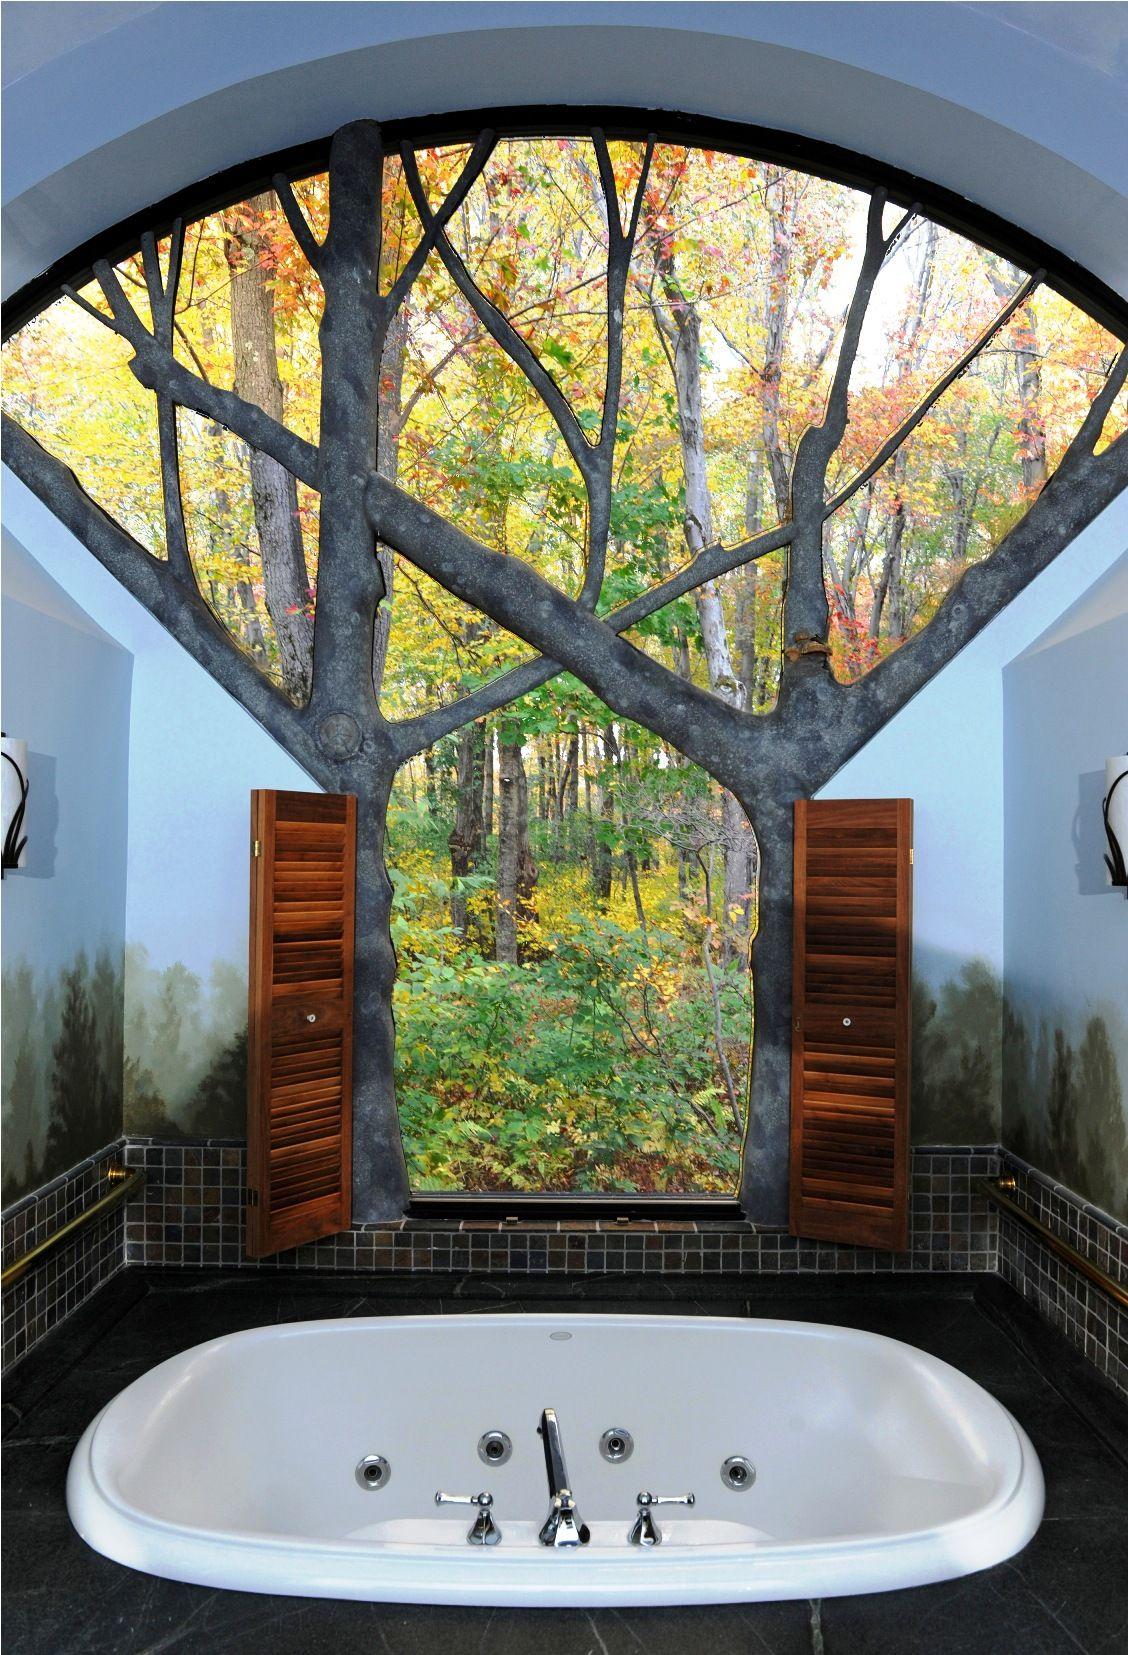 Baum Fenster Mit So Einem Ausblick In Den Wald Aus Der Badewanne Komme Ich Da Nie Wieder Raus Beautiful Bathrooms Architecture Design Home